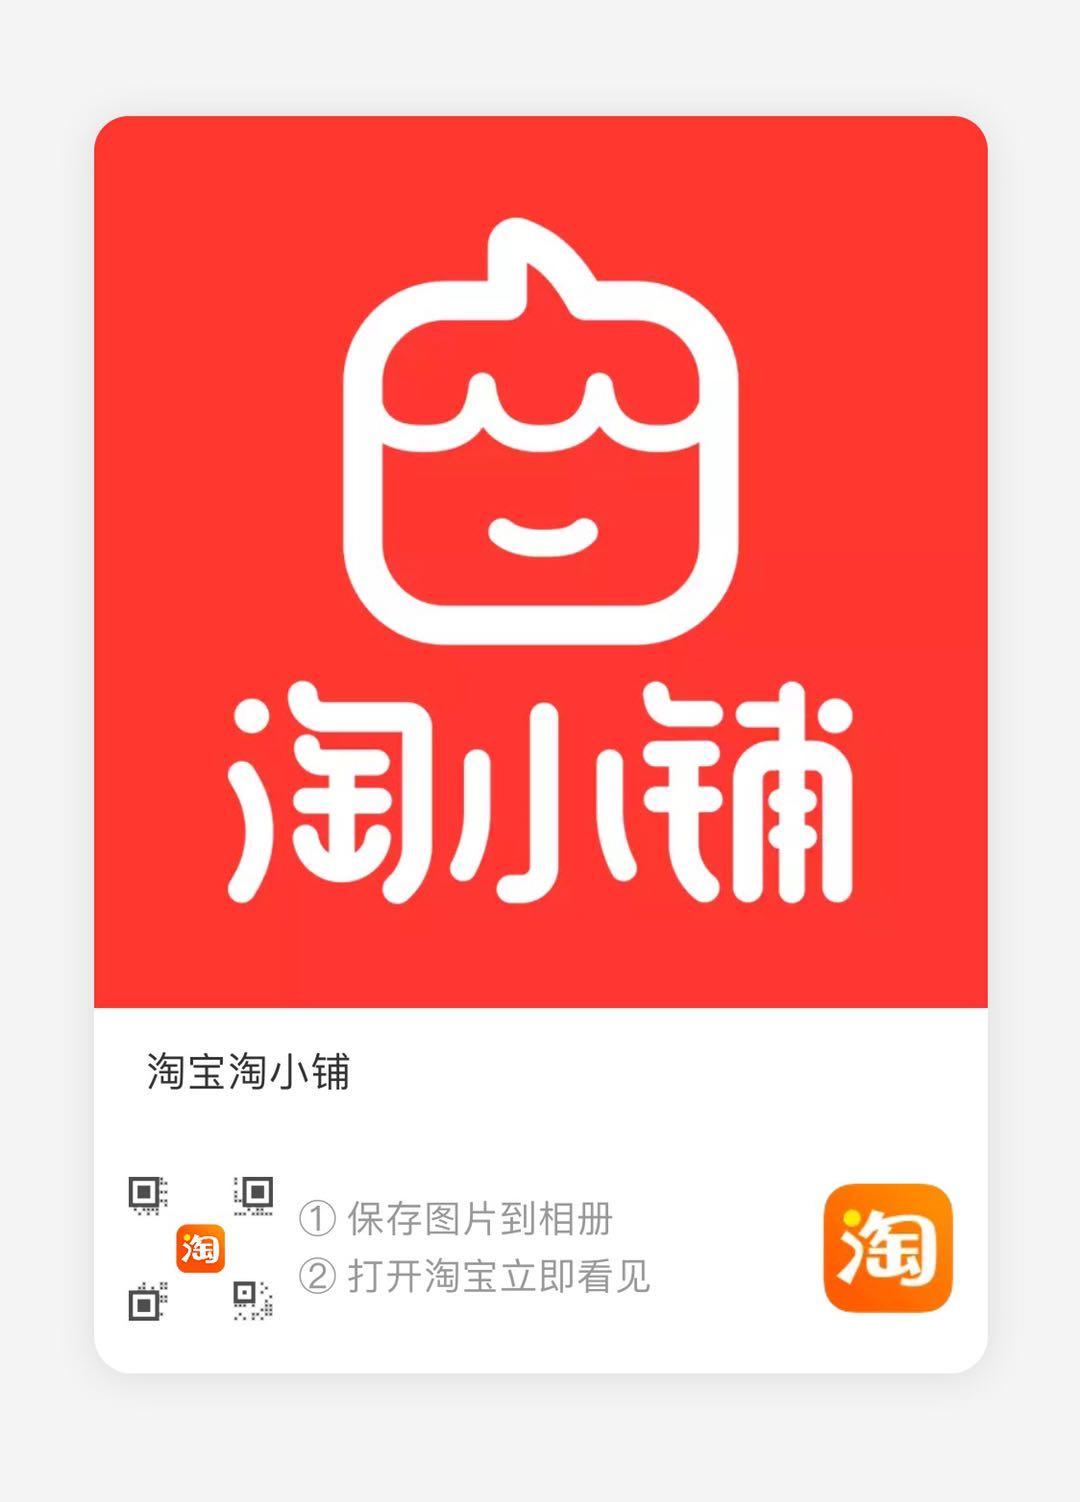 阿里巴巴平台社交新零售 - 全功能版